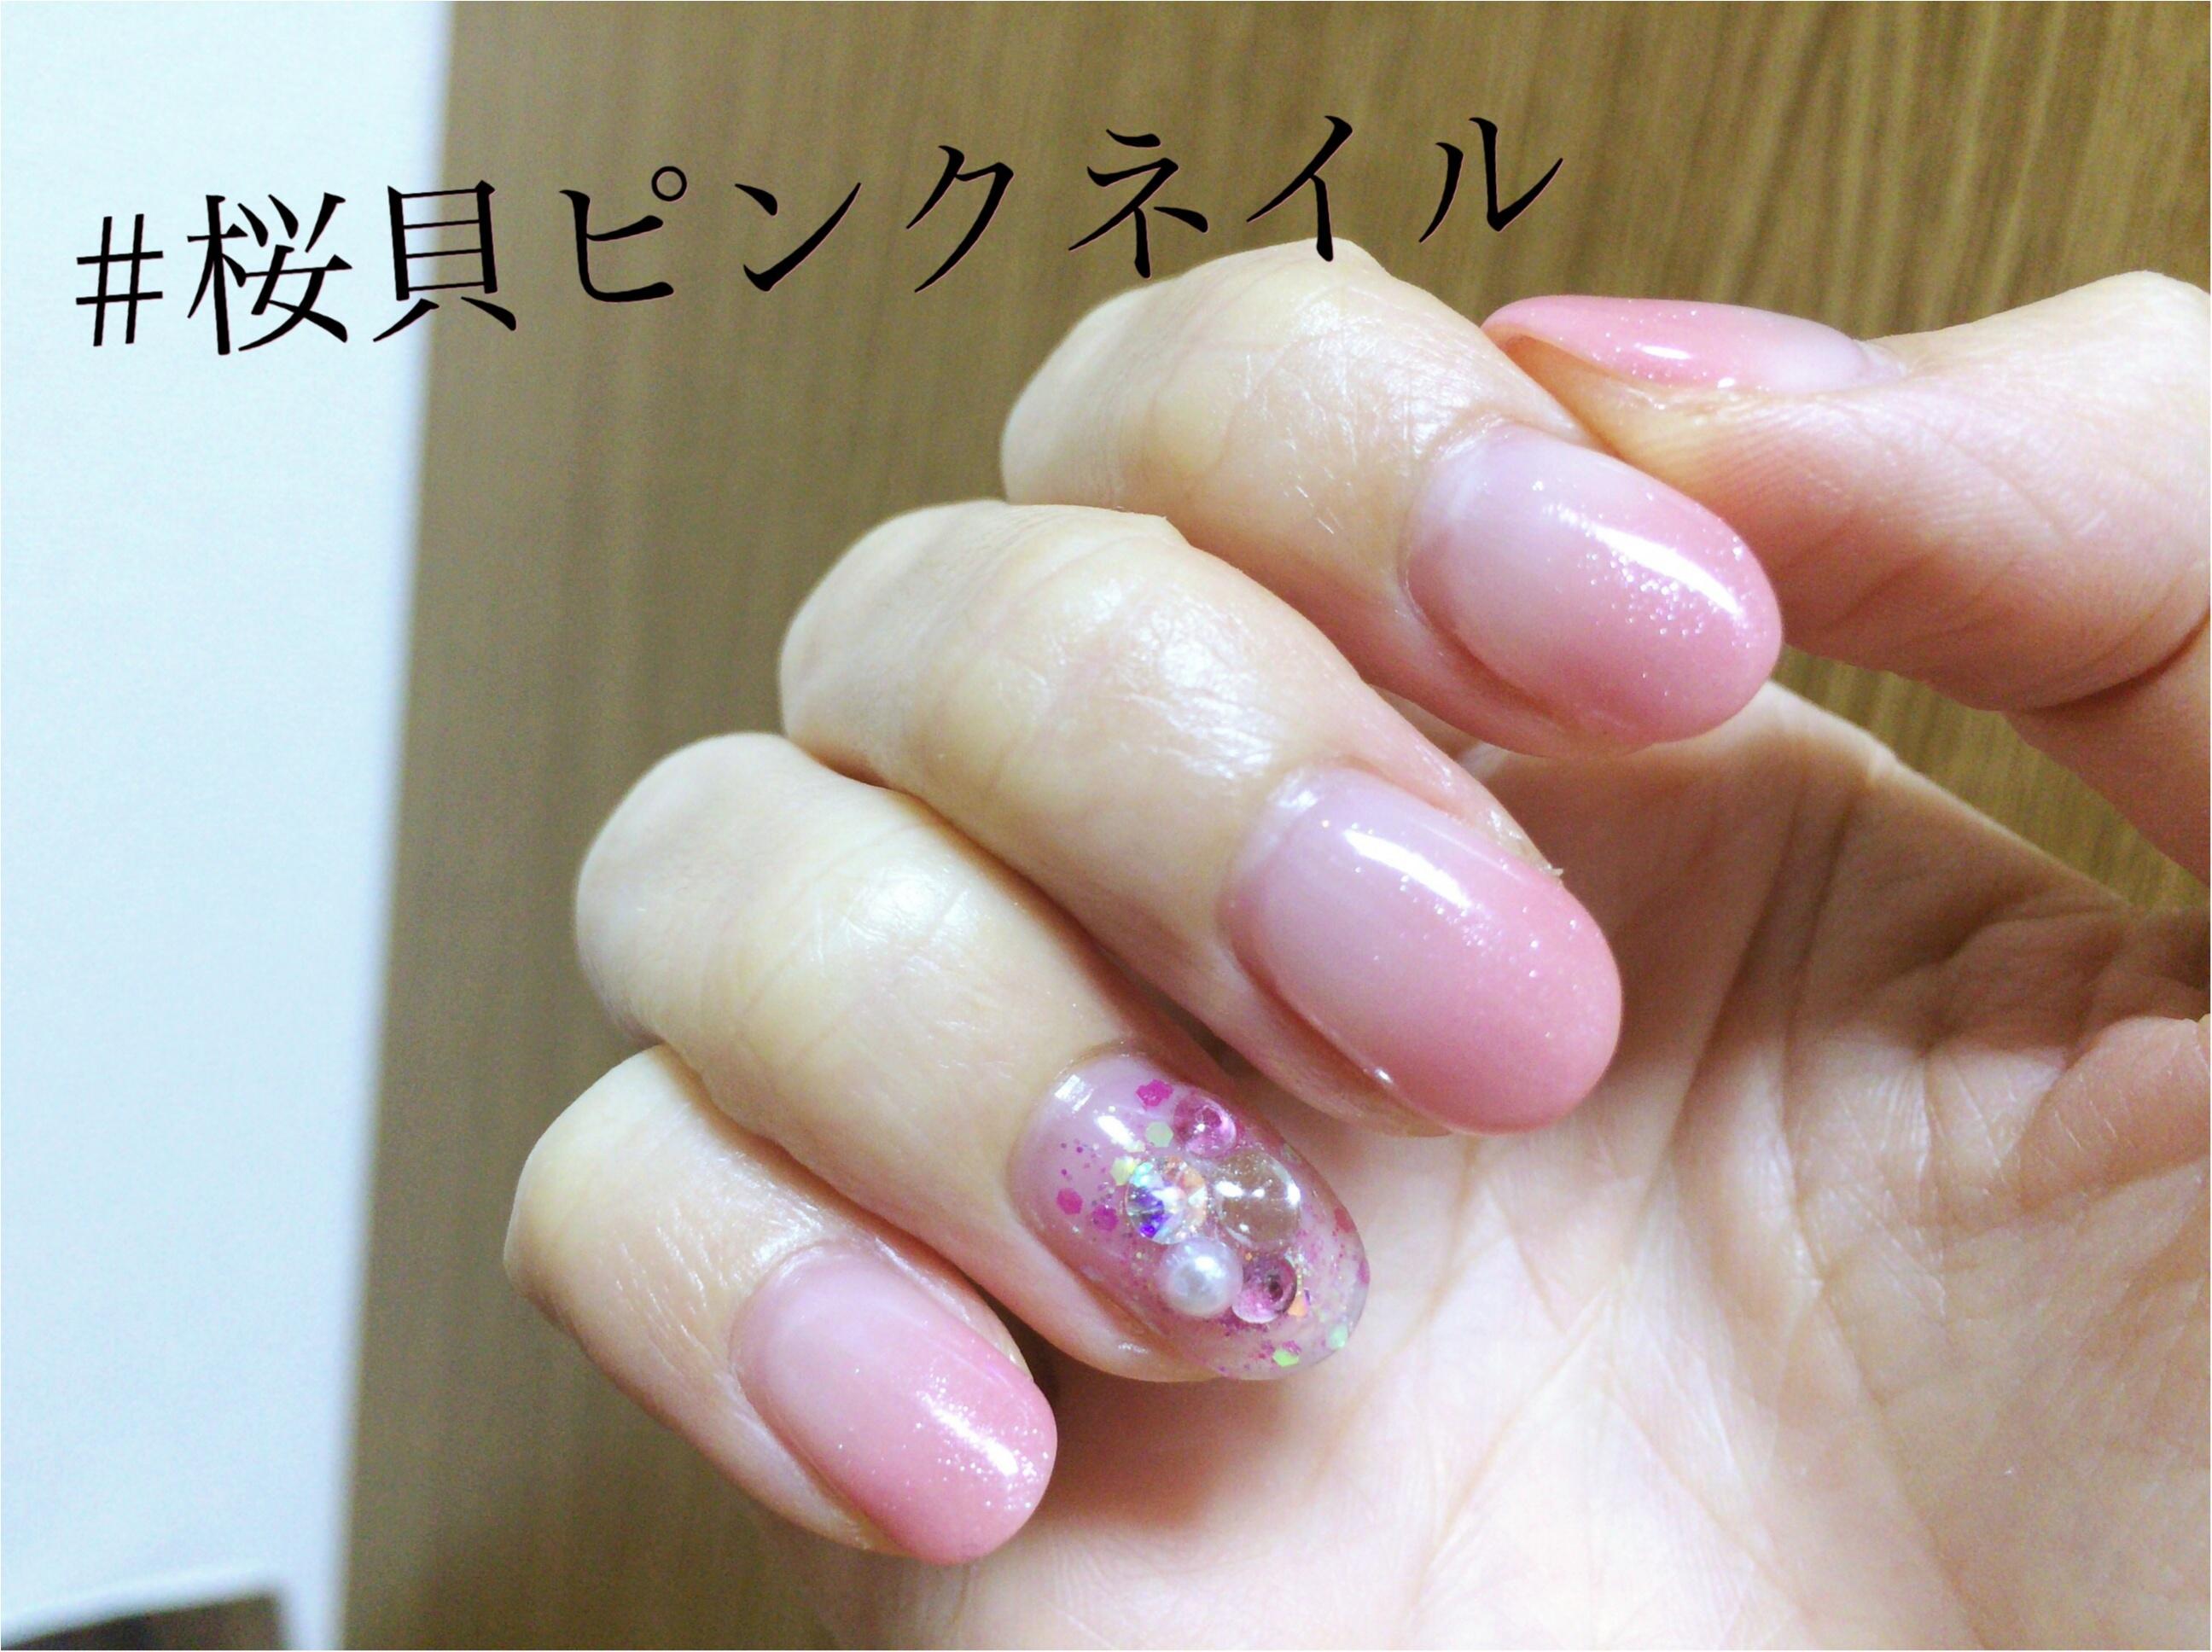 11月Nail*「#桜貝ピンクネイル 指先からハッとさせる、女性らしさを。」_1